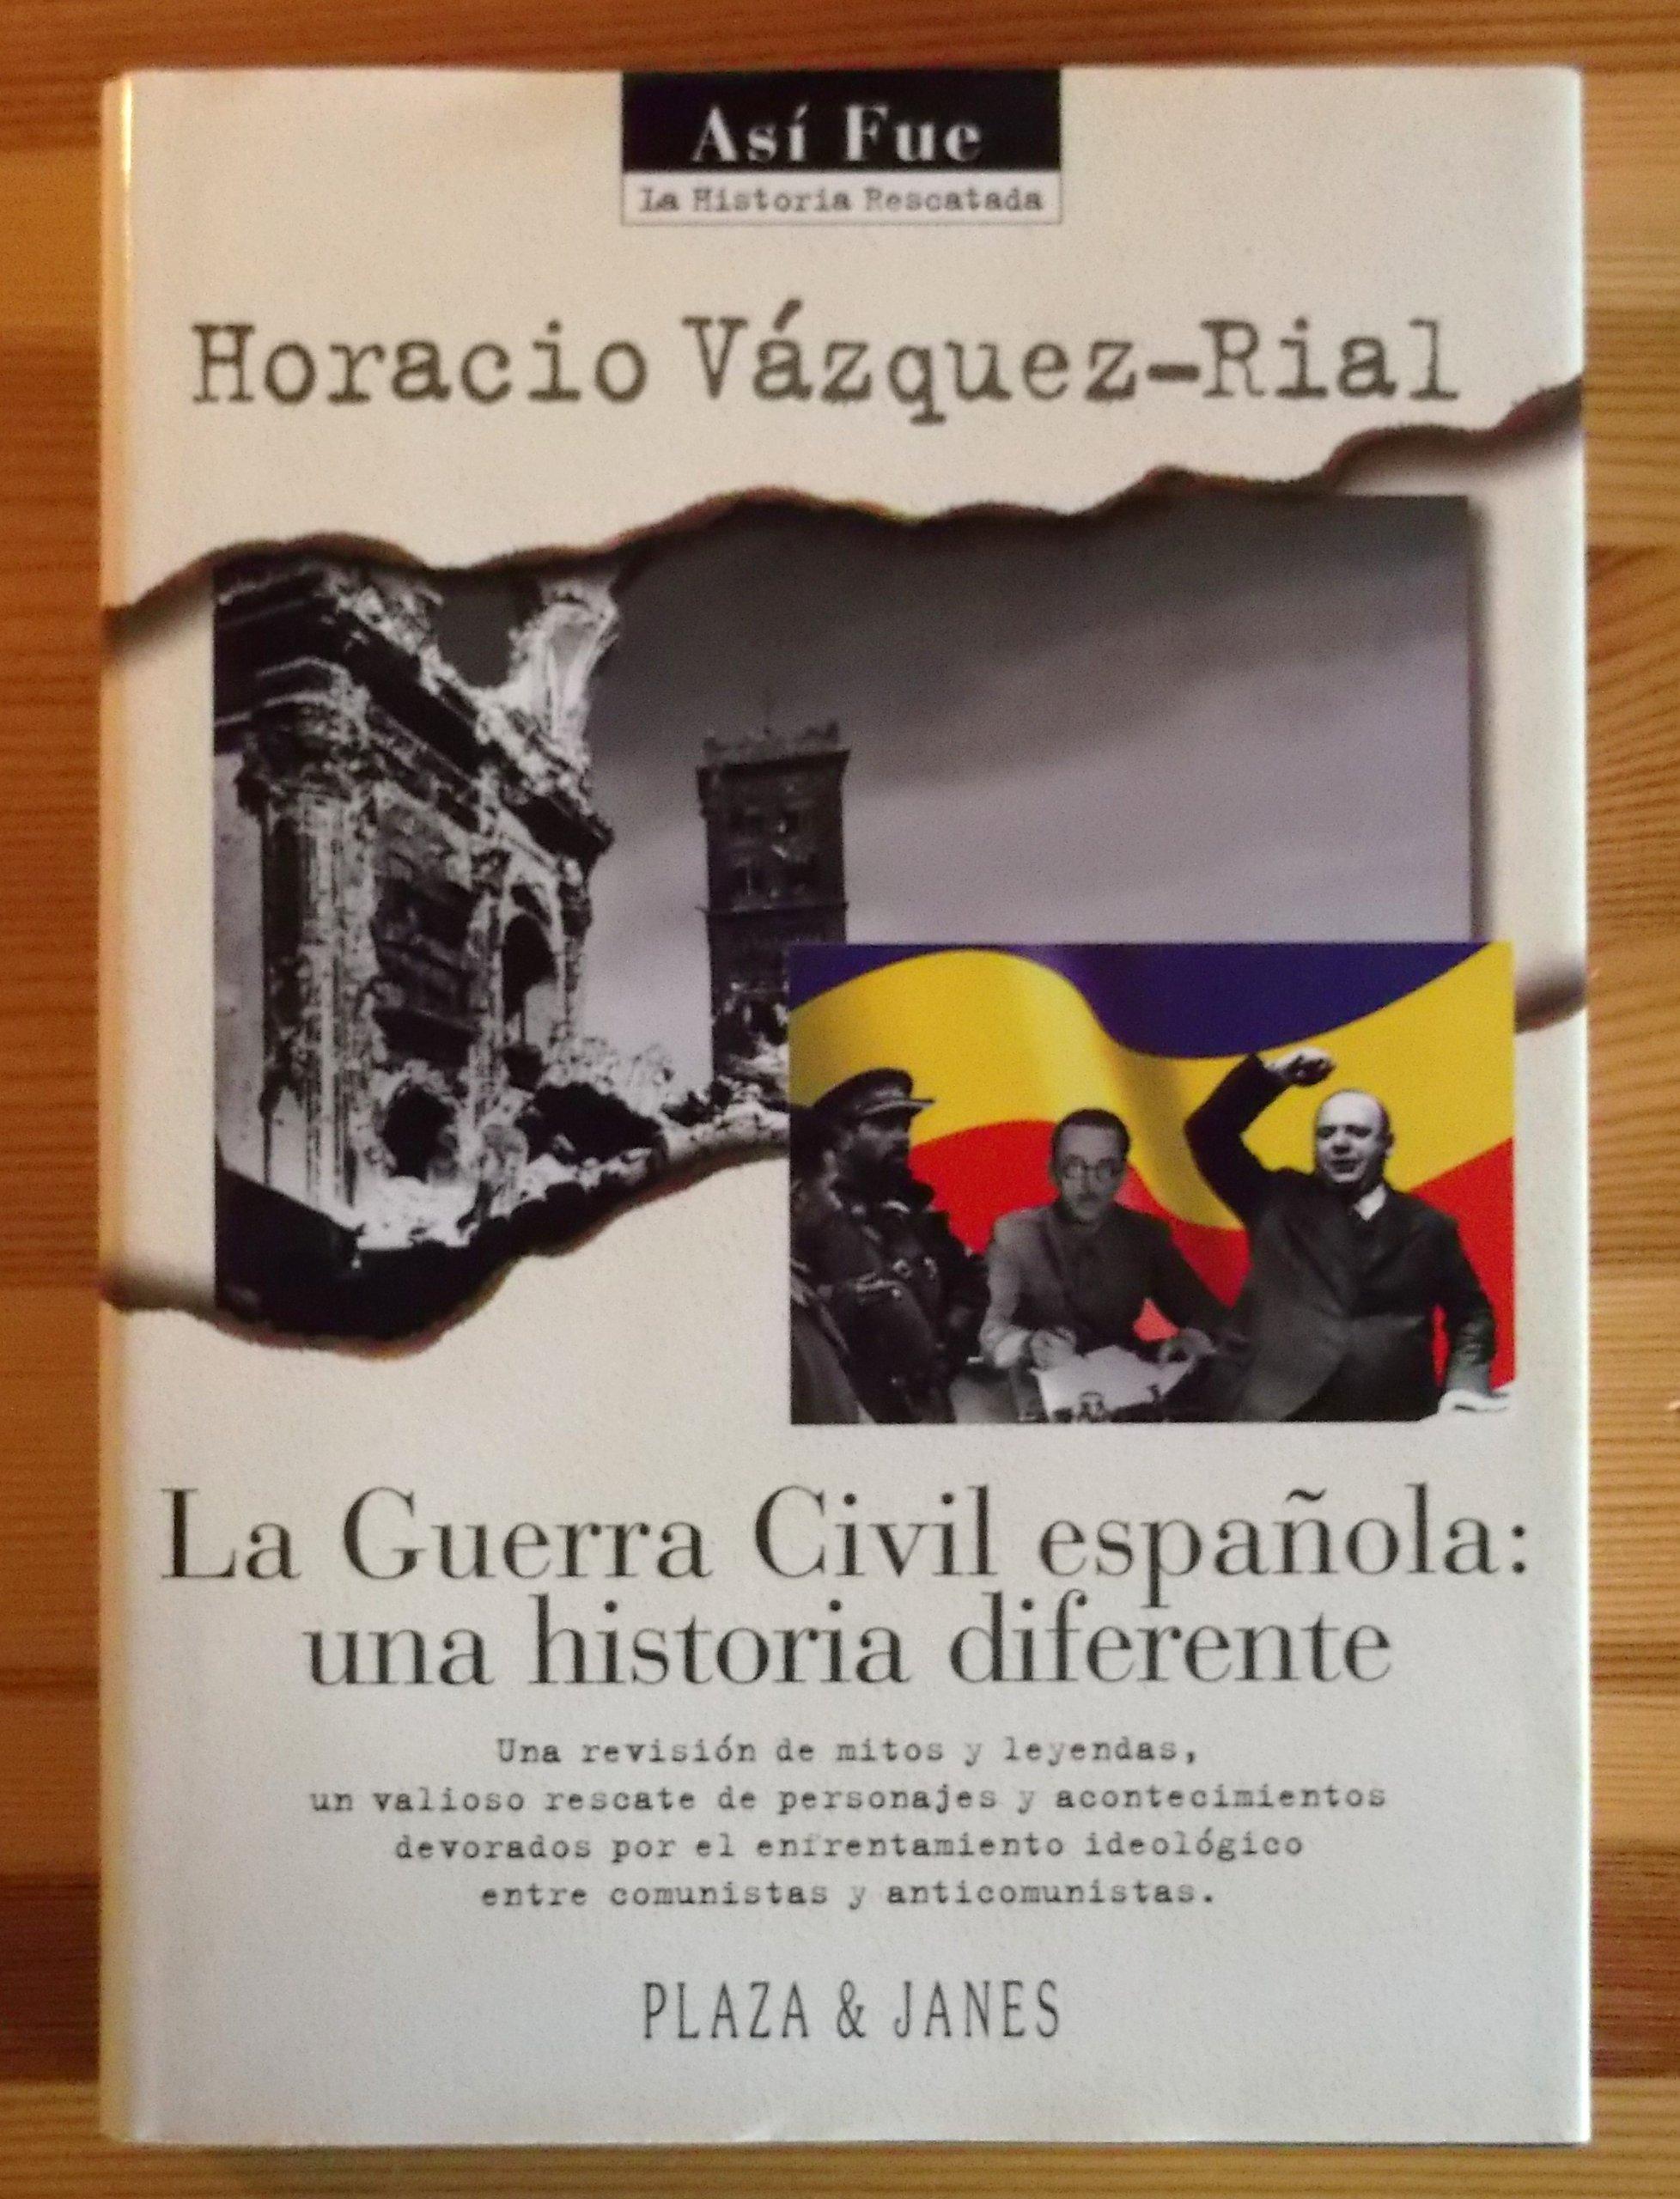 La Guerra Civil Española: una historia diferente: Amazon.es: Libros